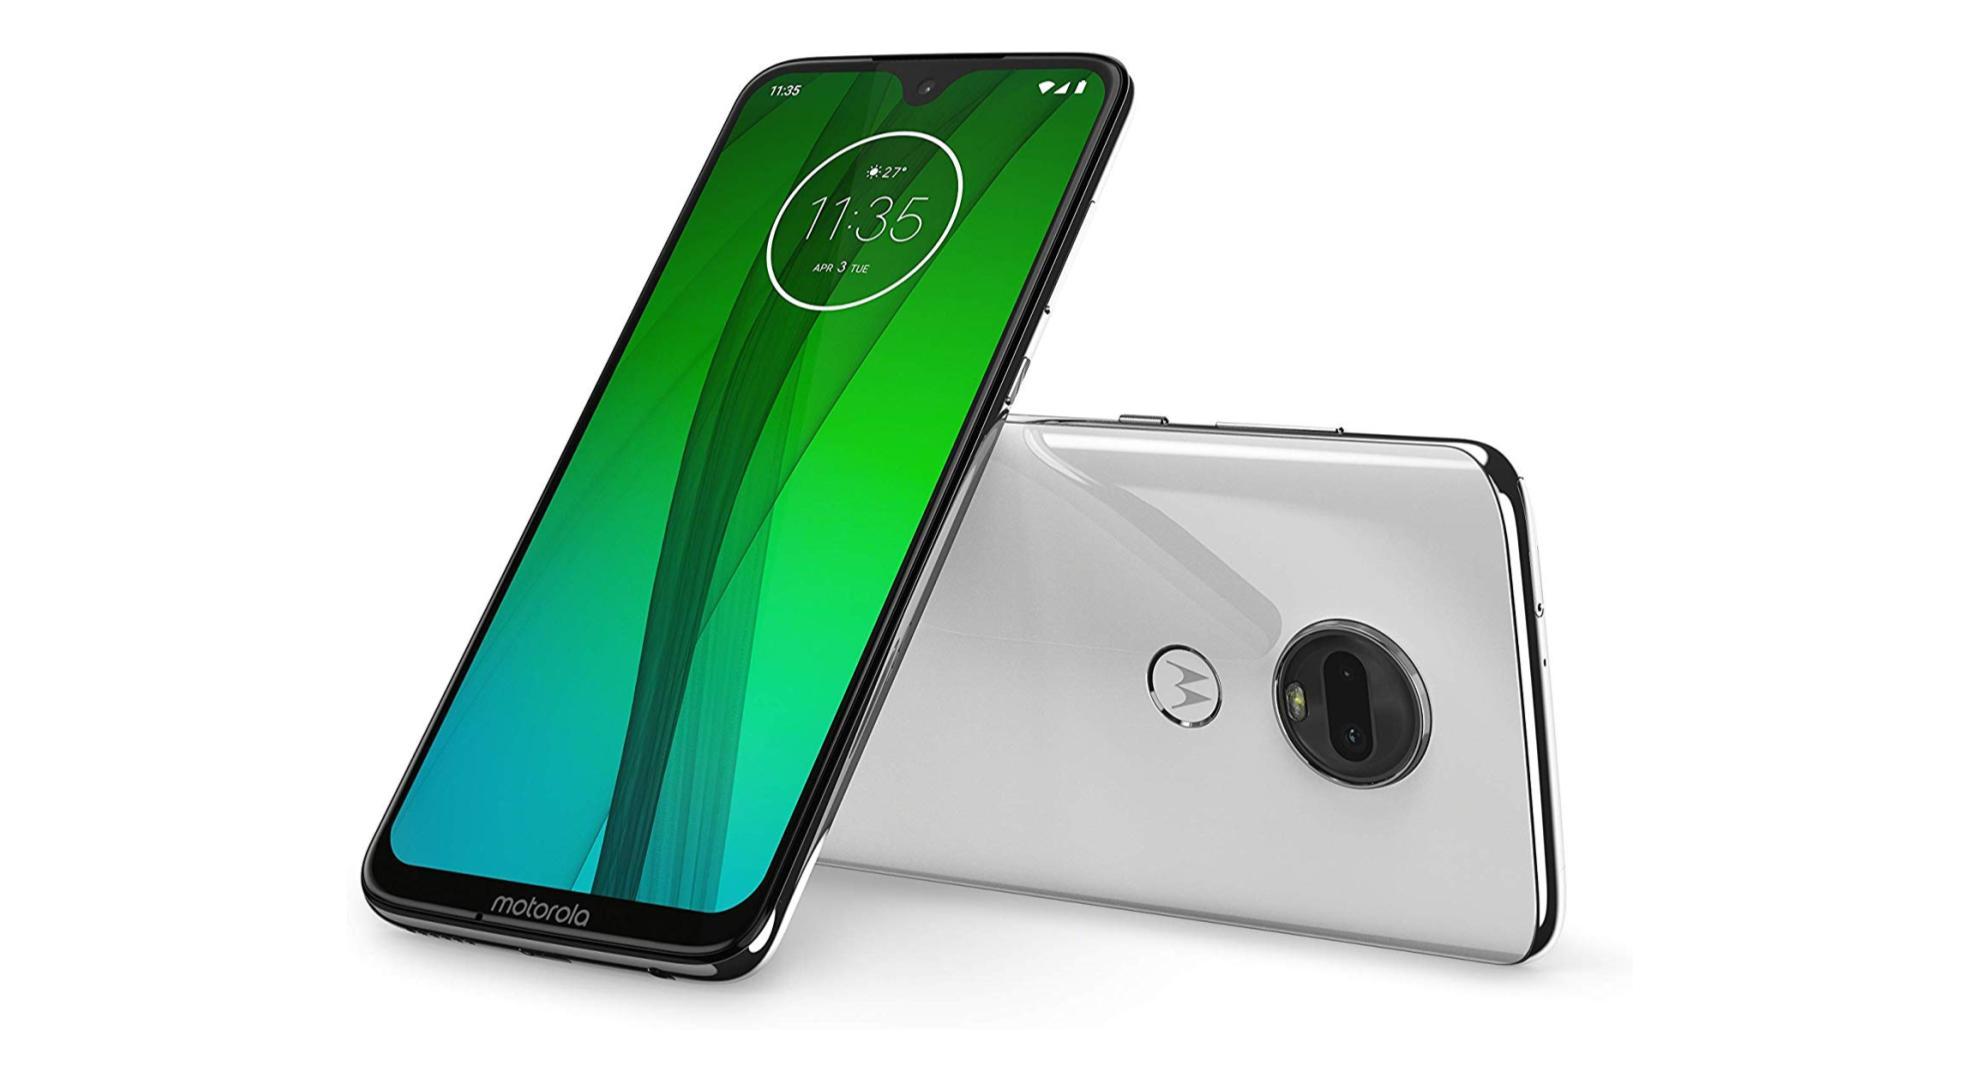 Le Motorola G7 est un bon premier smartphone, il est disponible avec une remise de 25%